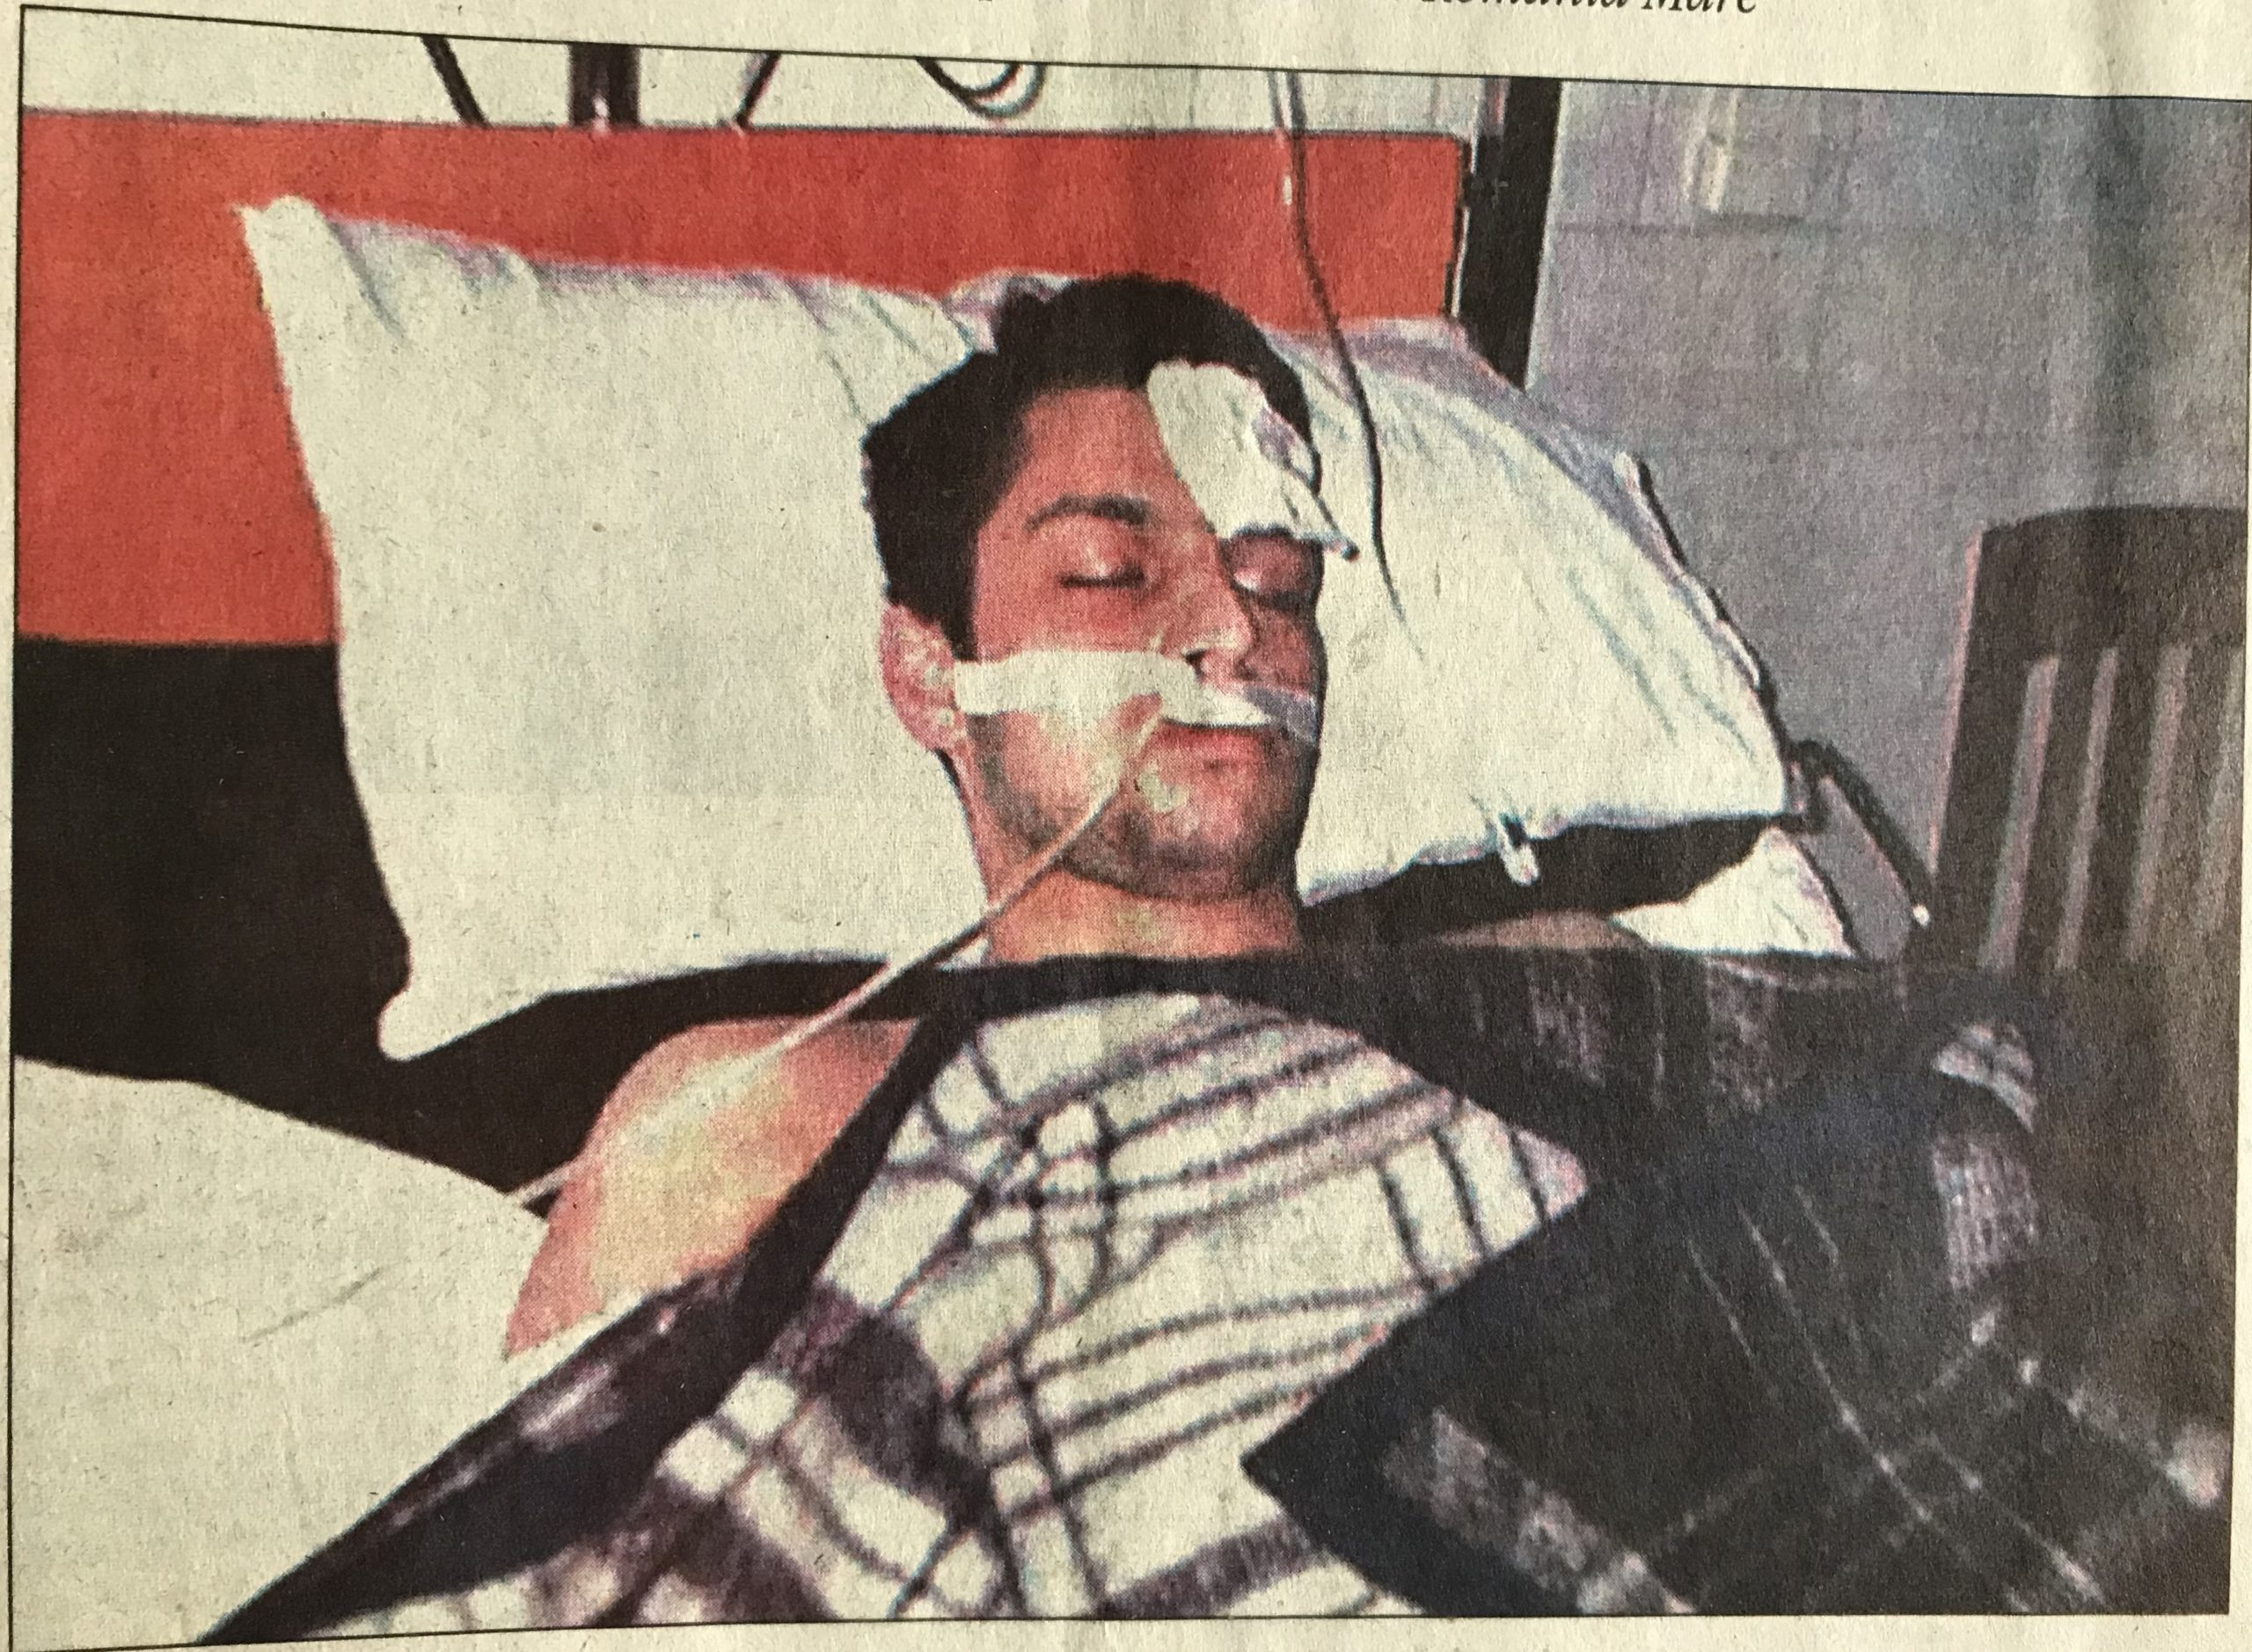 """O Ștefan Stoica, pe patul Spitalului de Urgență Craiova. Ziarul """"Cotidianul"""", vineri, 24 noiembrie 2000"""